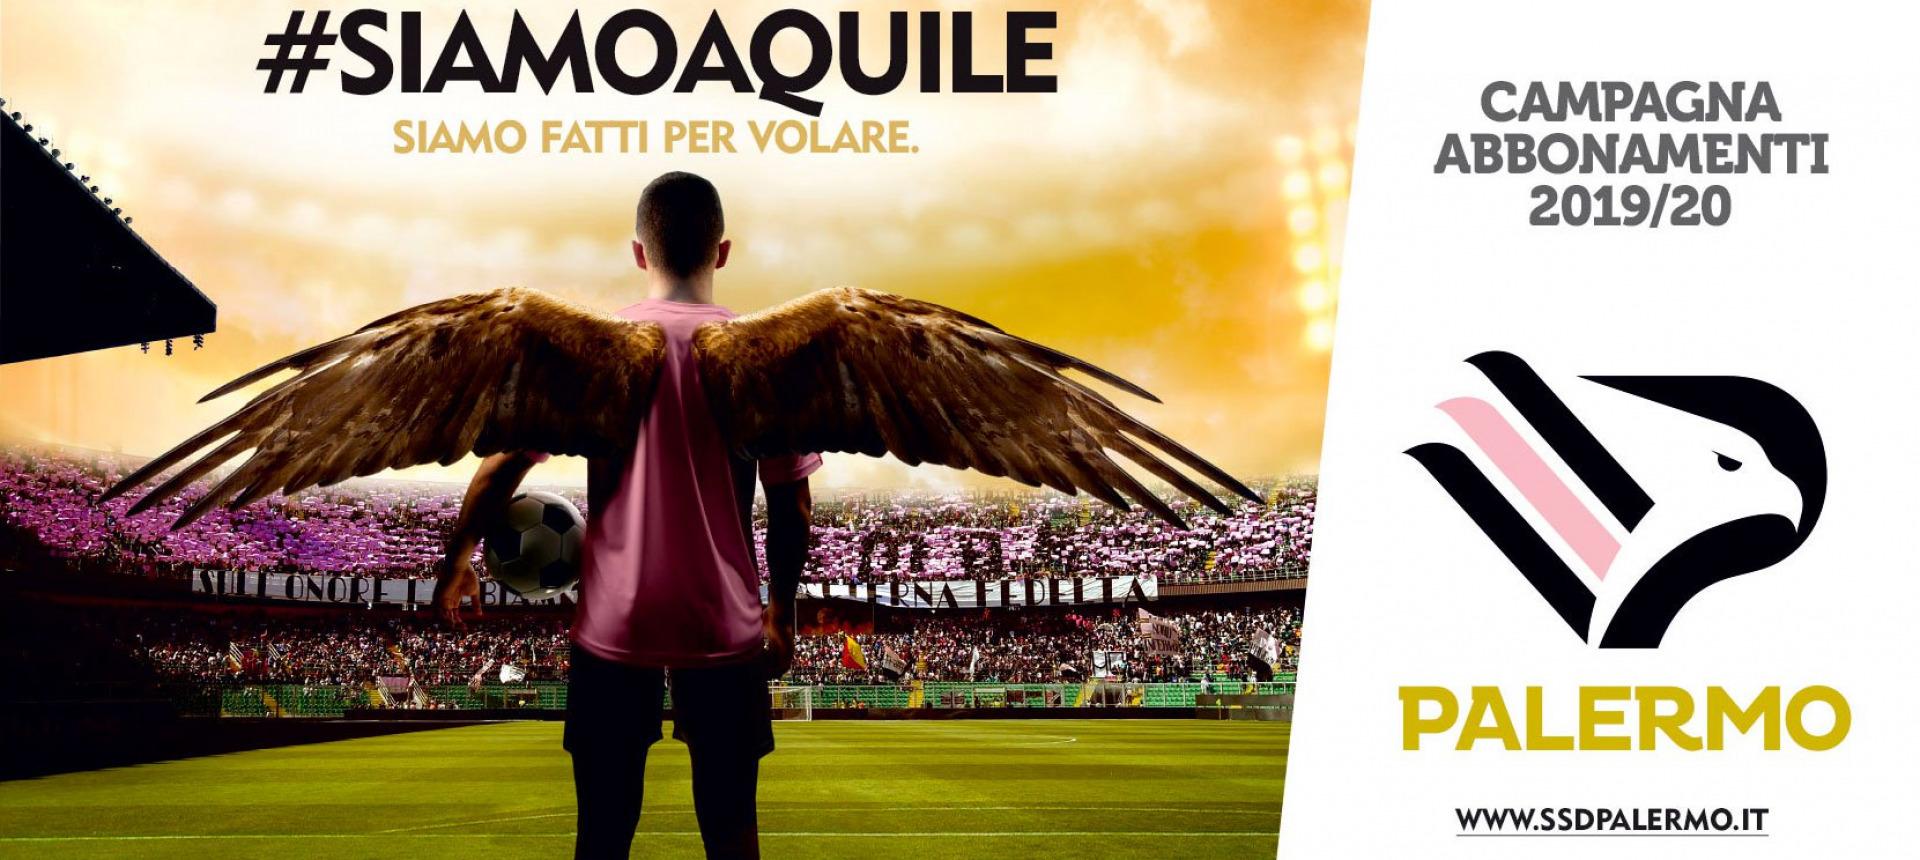 """#SIAMOAQUILE: È RECORD! 10.446 VOLTE """"GRAZIE"""""""